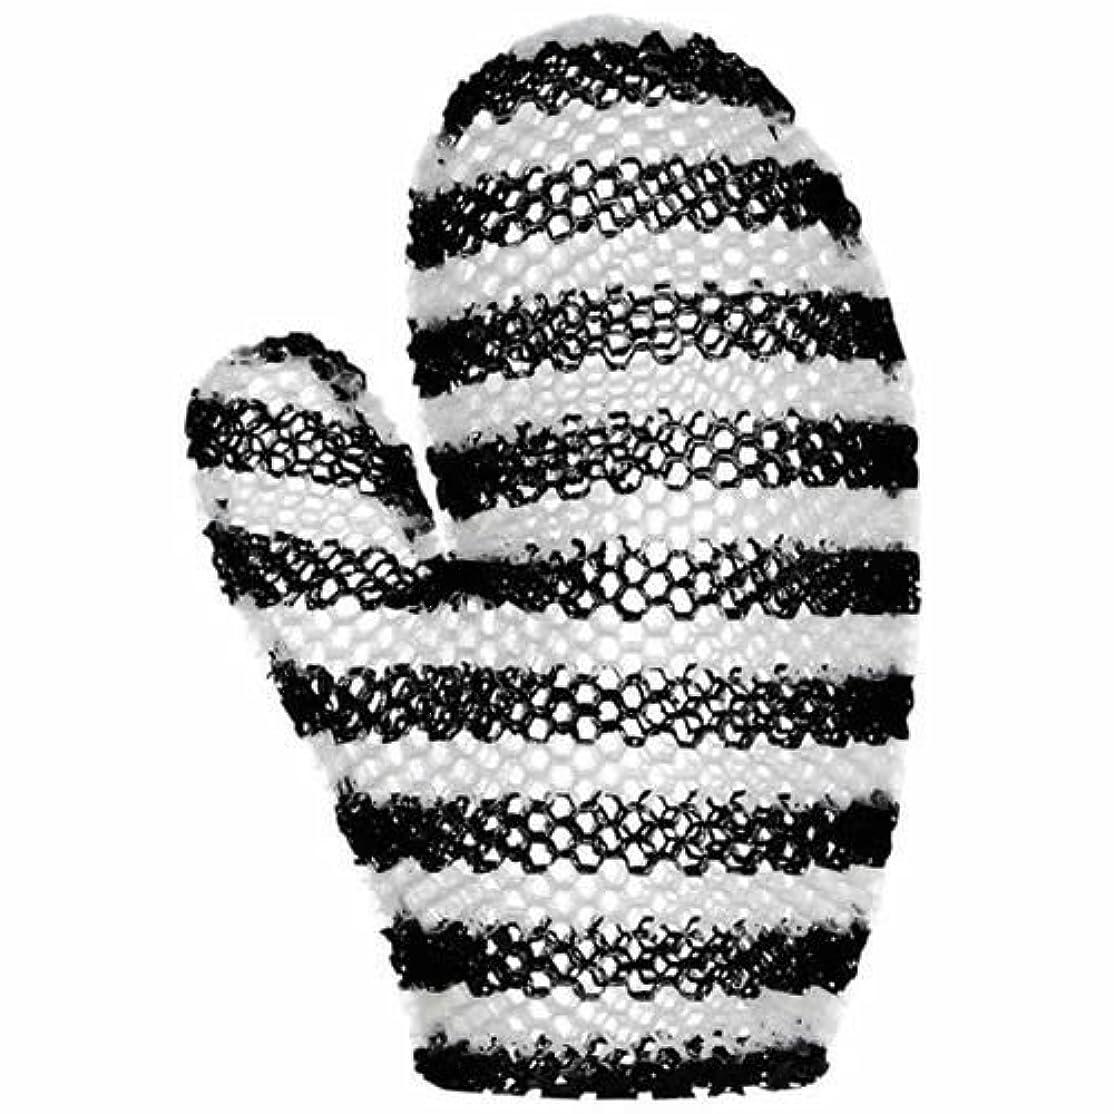 異なる輪郭区スプラコール ハニカム(ミット) ブラック&ホワイト